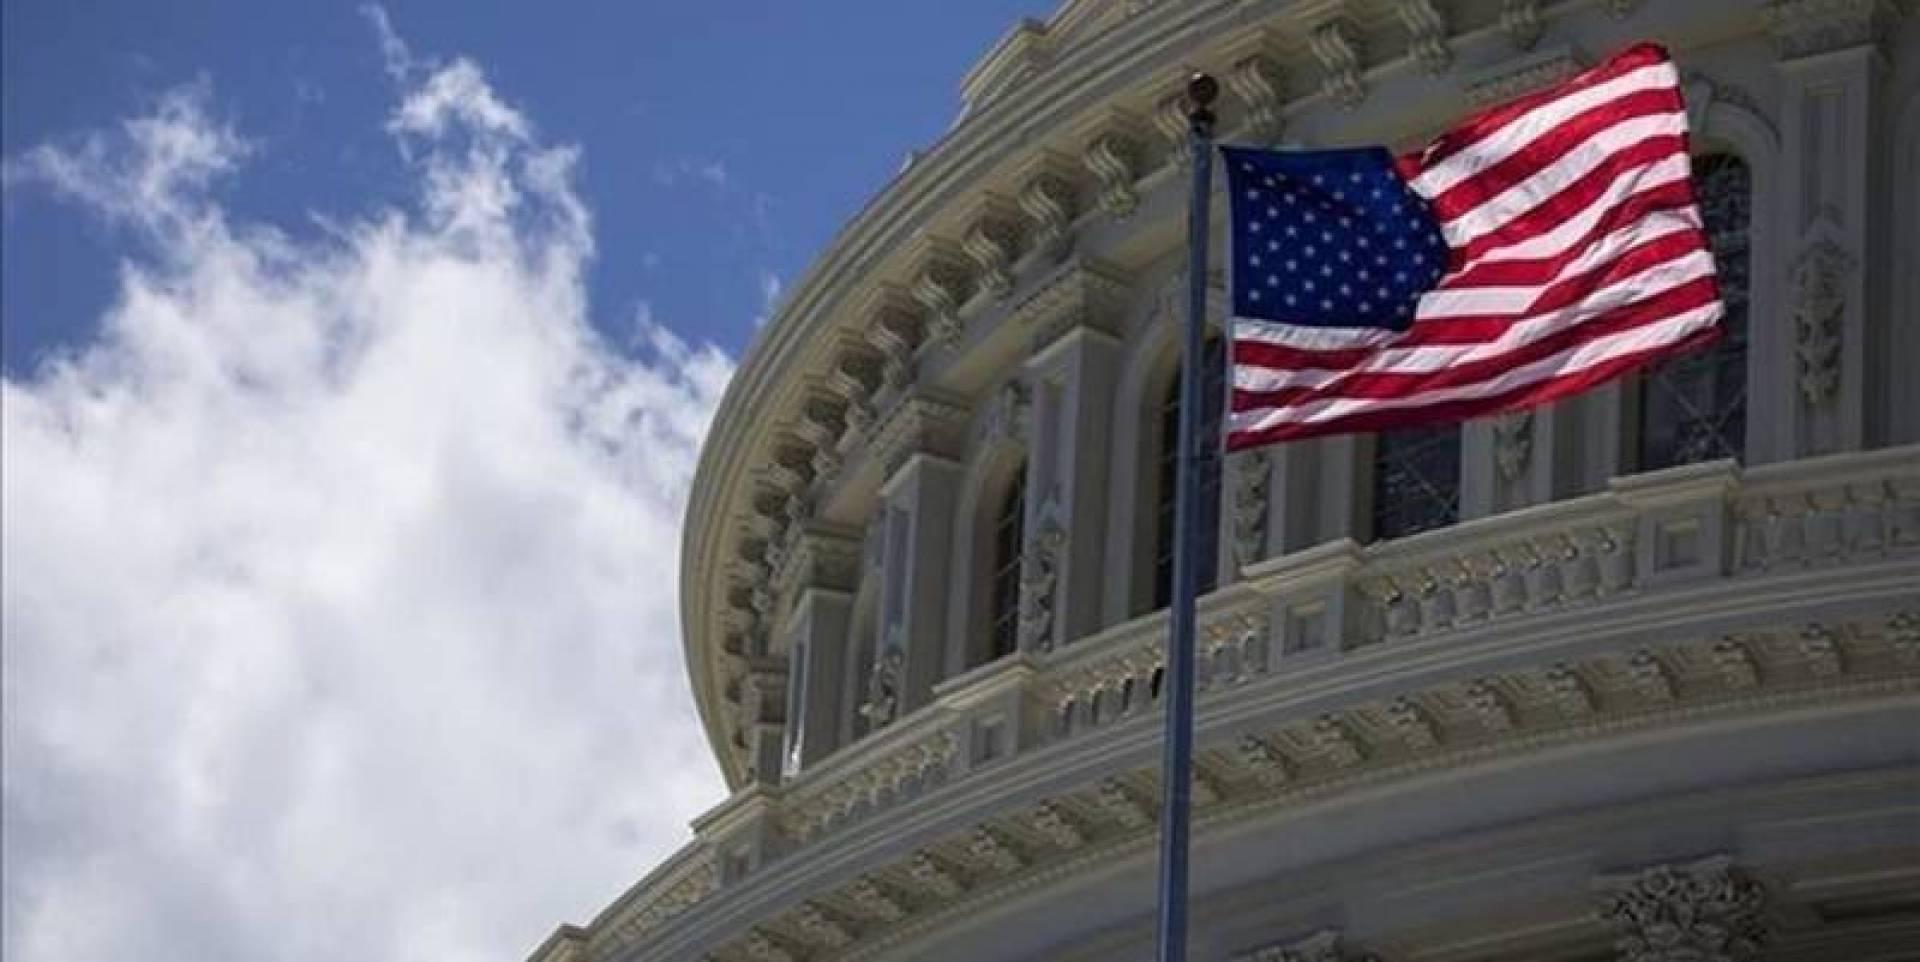 عجز الميزانية الأميركية يقفز إلى 864 مليار دولار